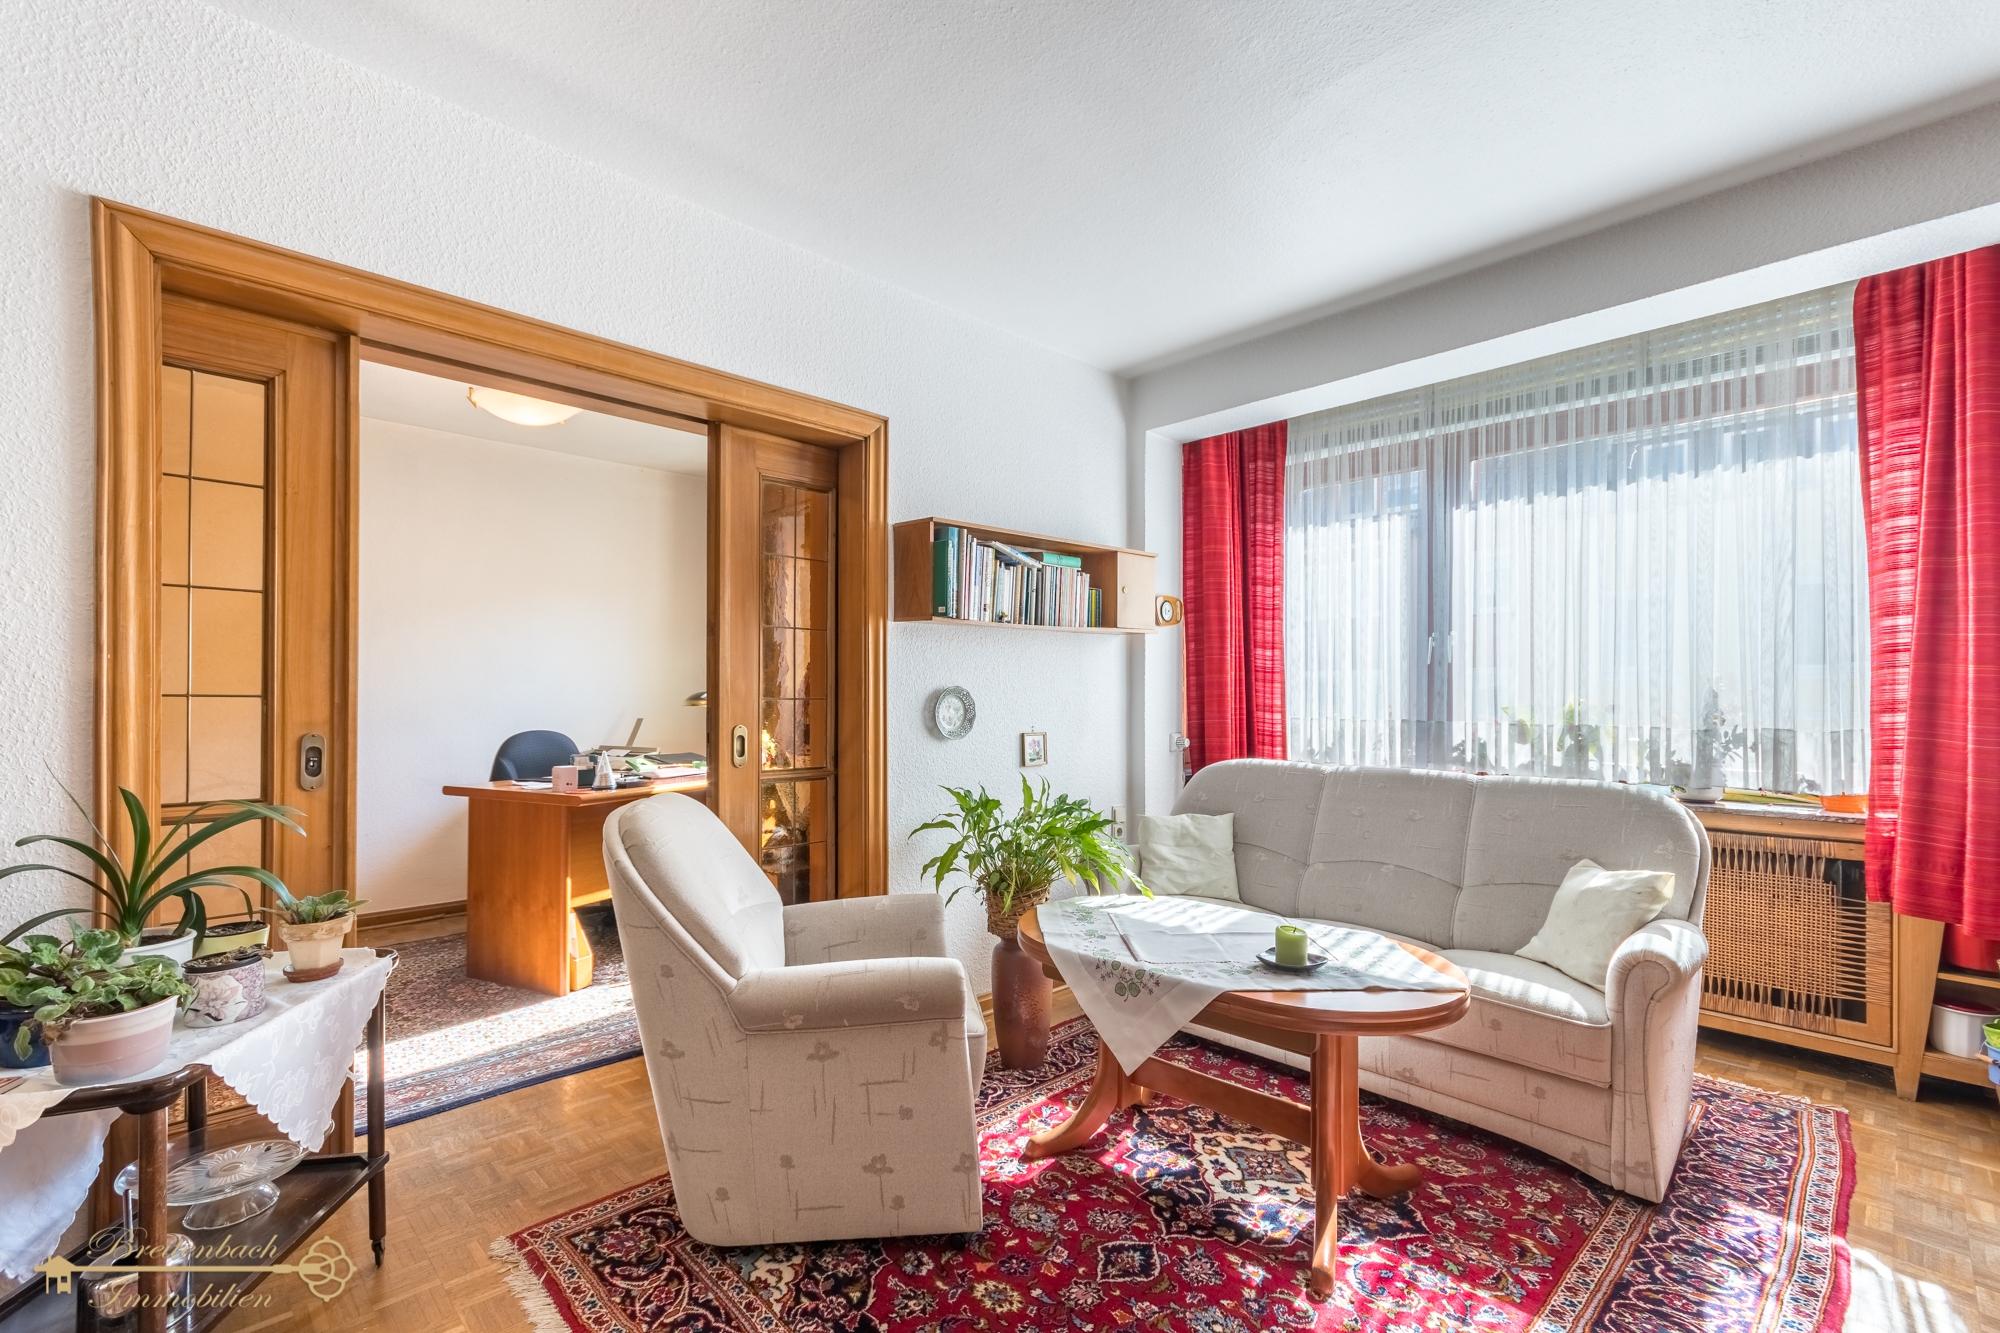 2020-04-18-Breitenbach-Immobilien-15